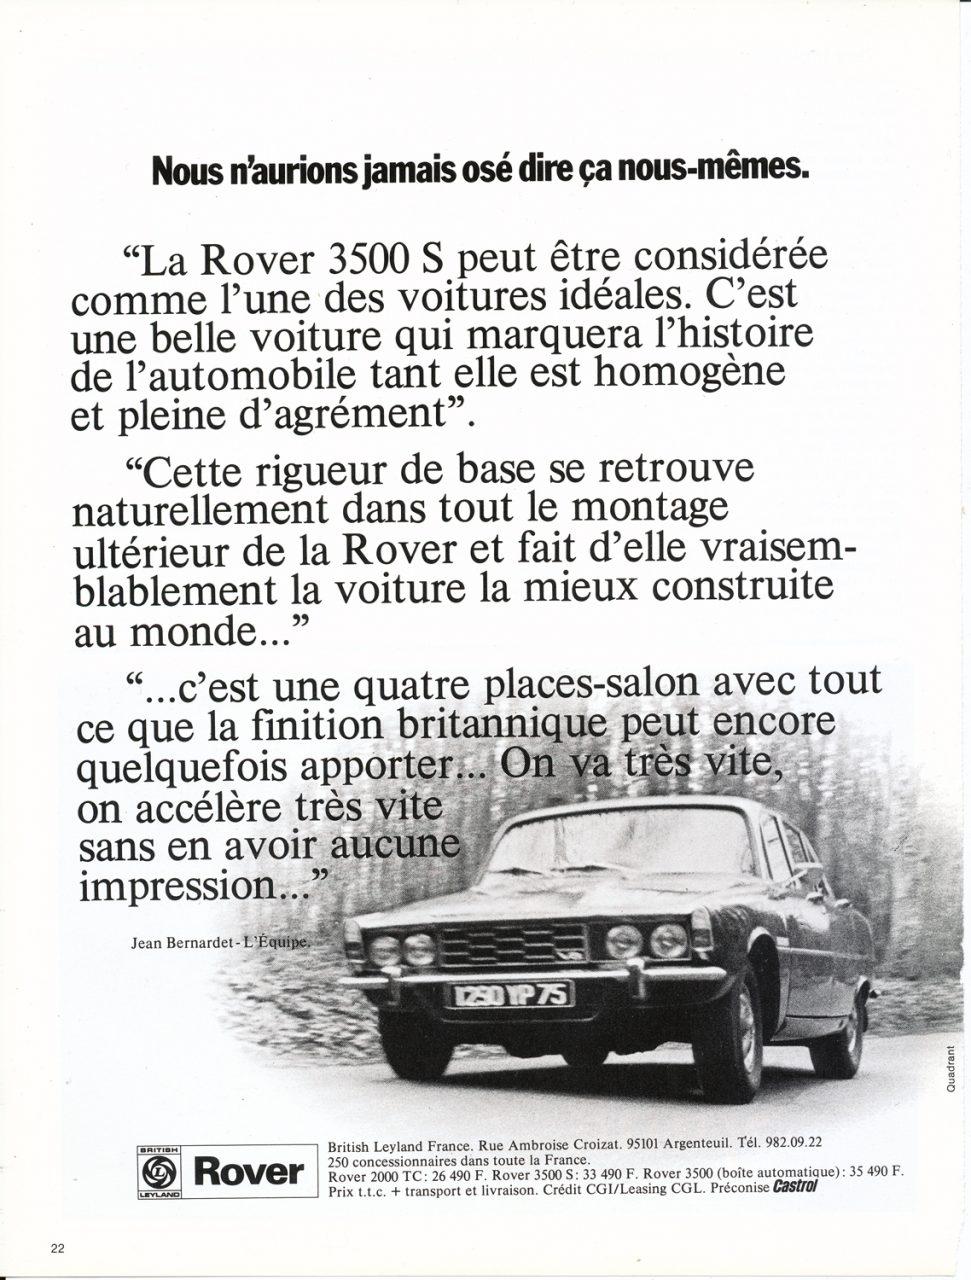 Rover 3500S, Advertisement, Connaissance des arts